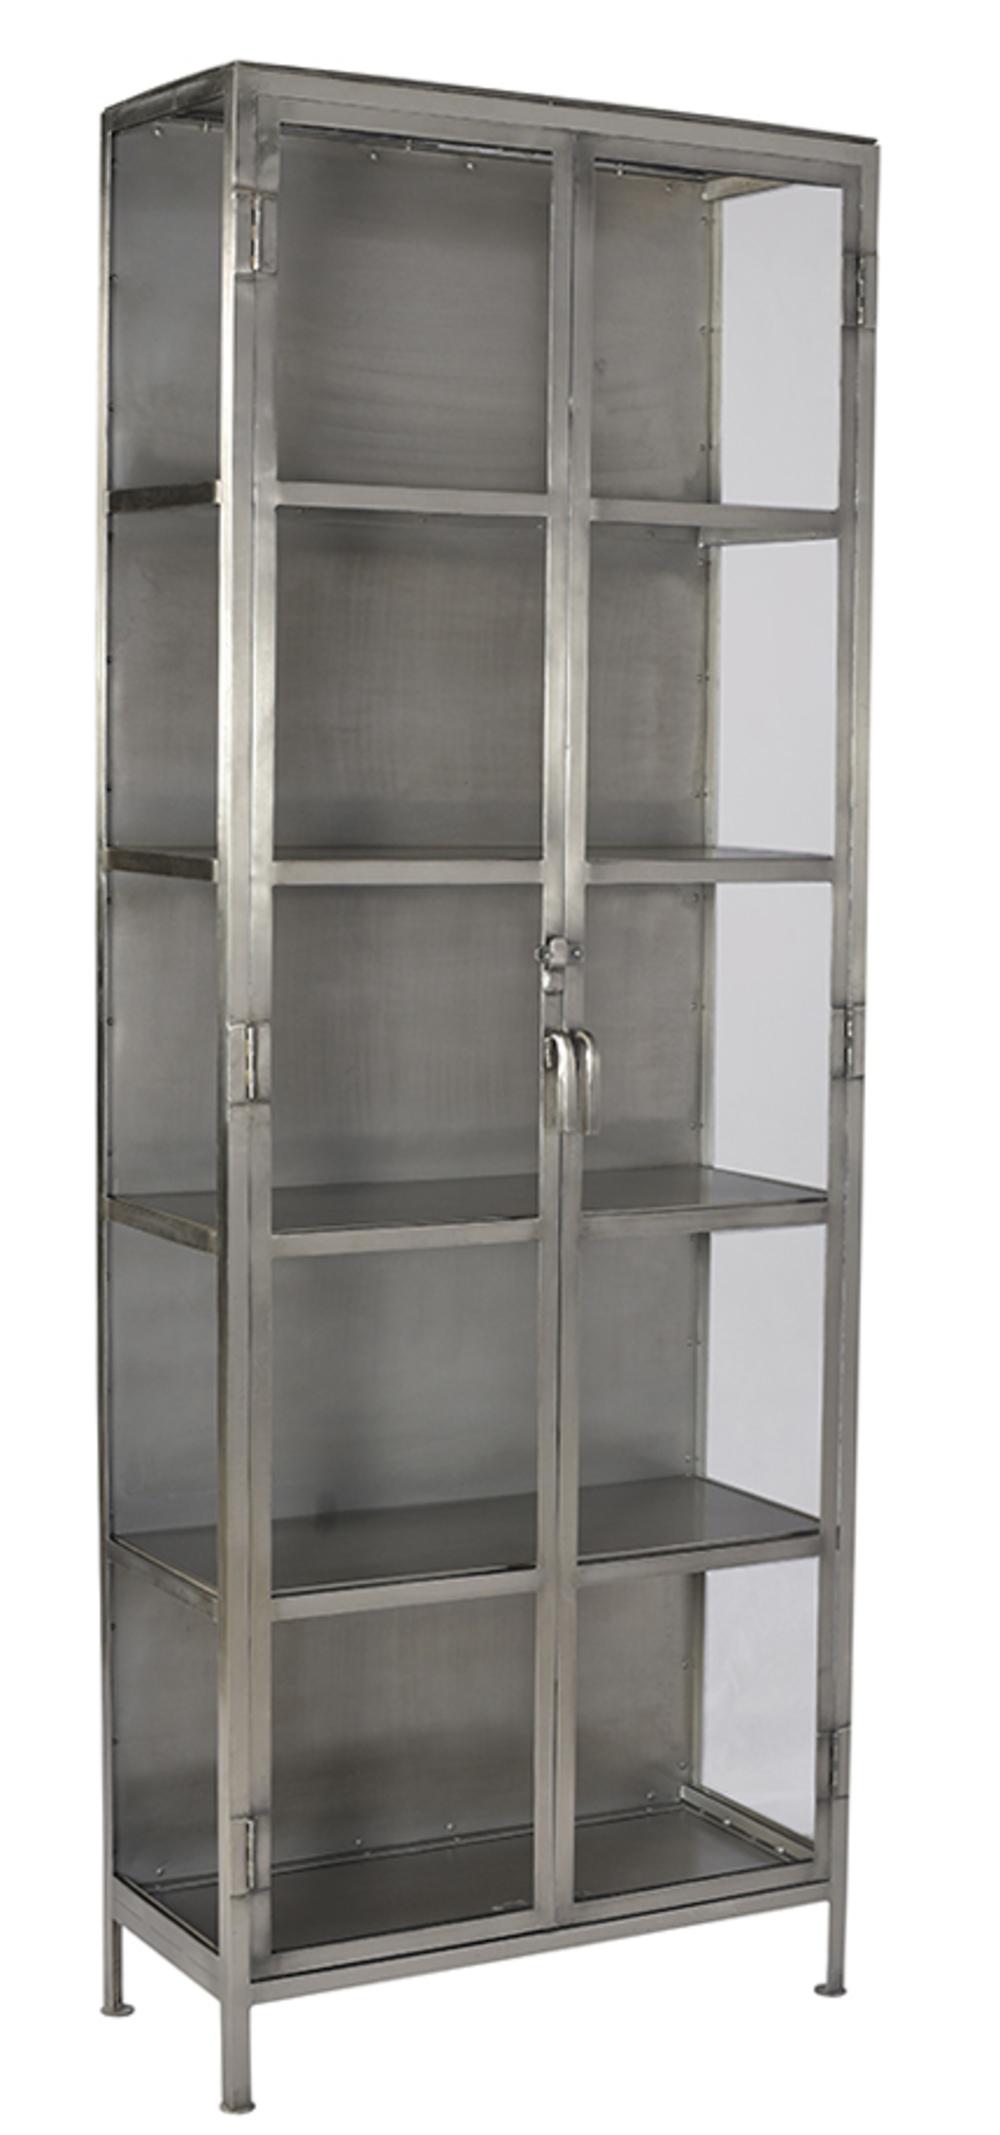 Dovetail Furniture - Goodman Cabinet